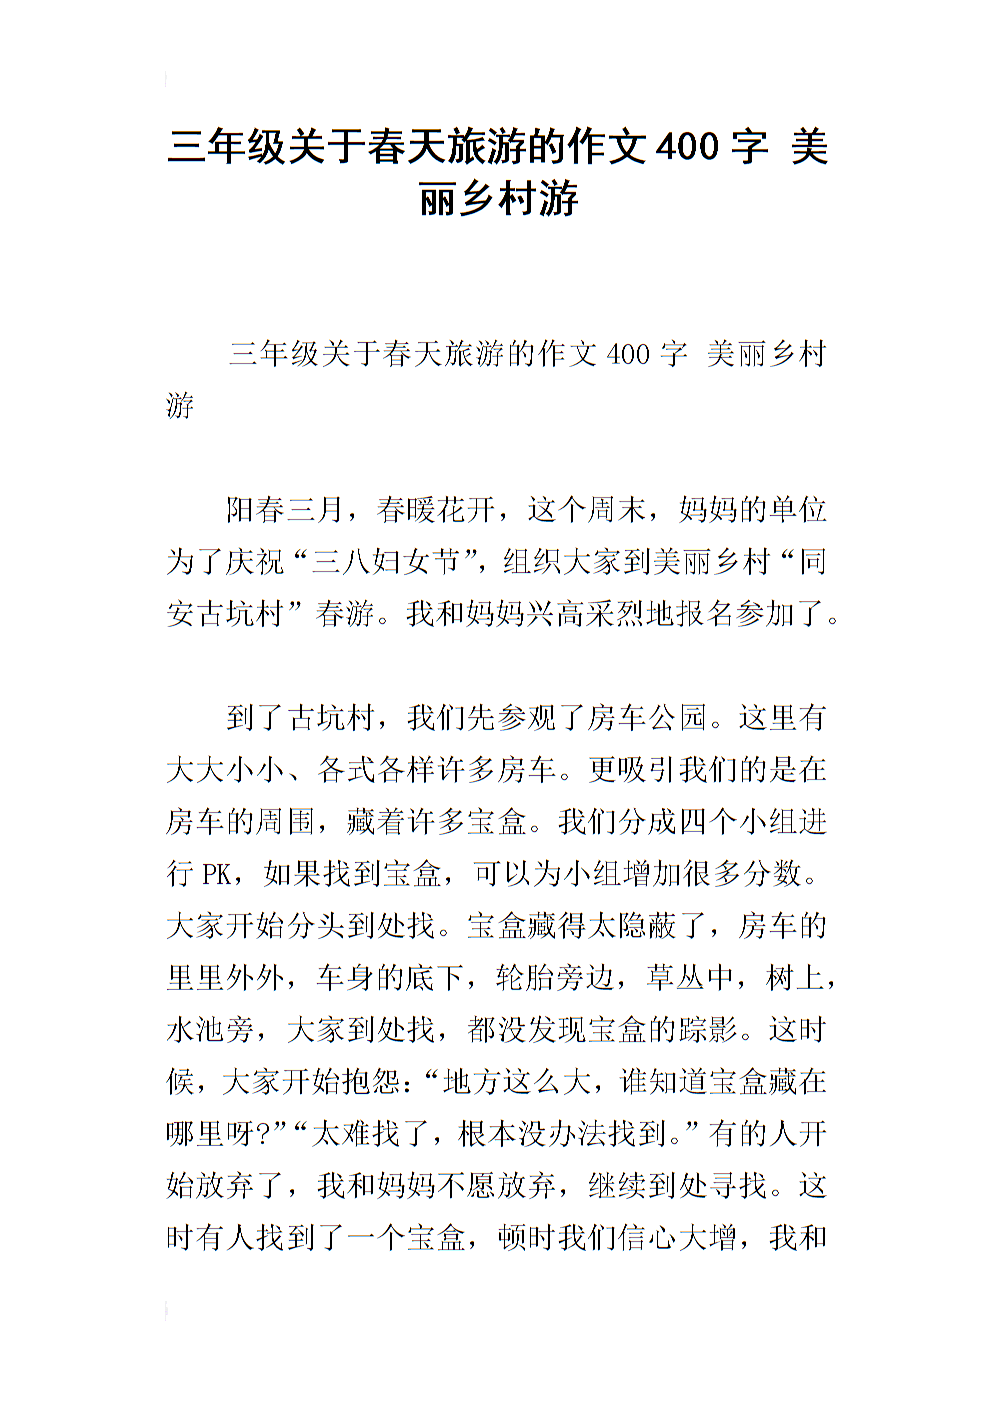 三年级关于春天旅游的作文400字 美丽乡村游.docx